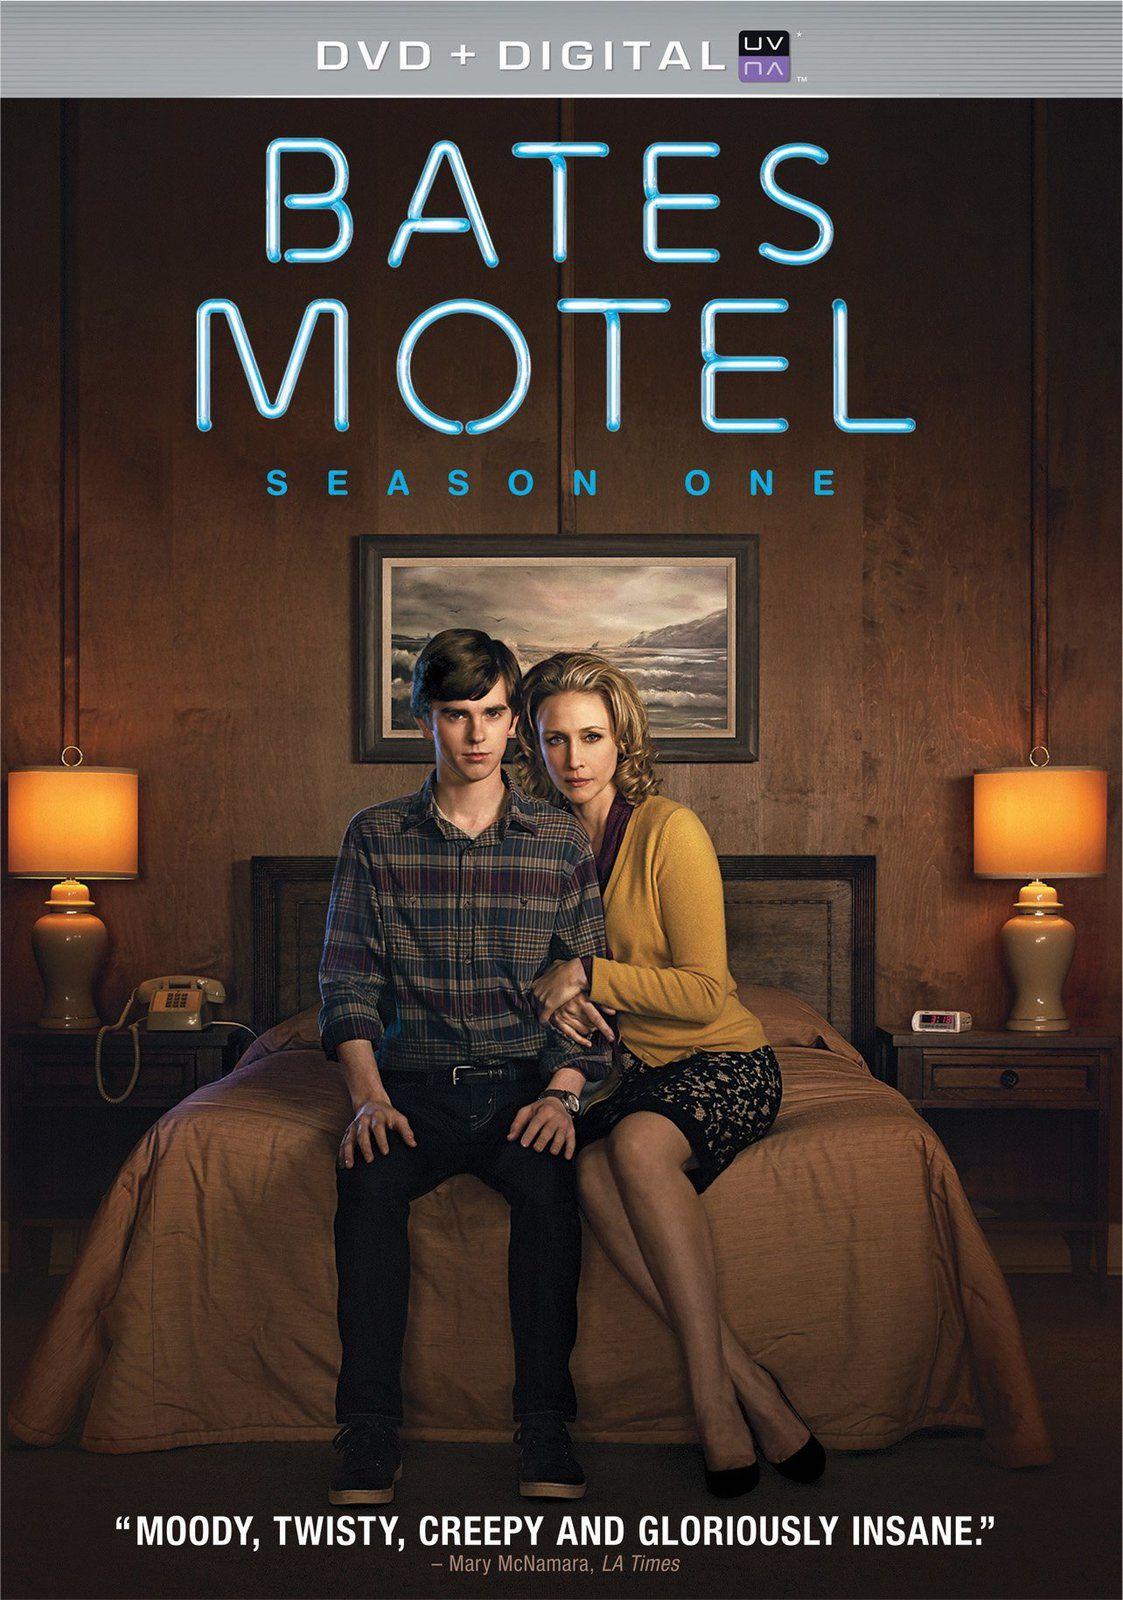 La série Bates Motel, inédite en clair, dès le 14 septembre sur D17.